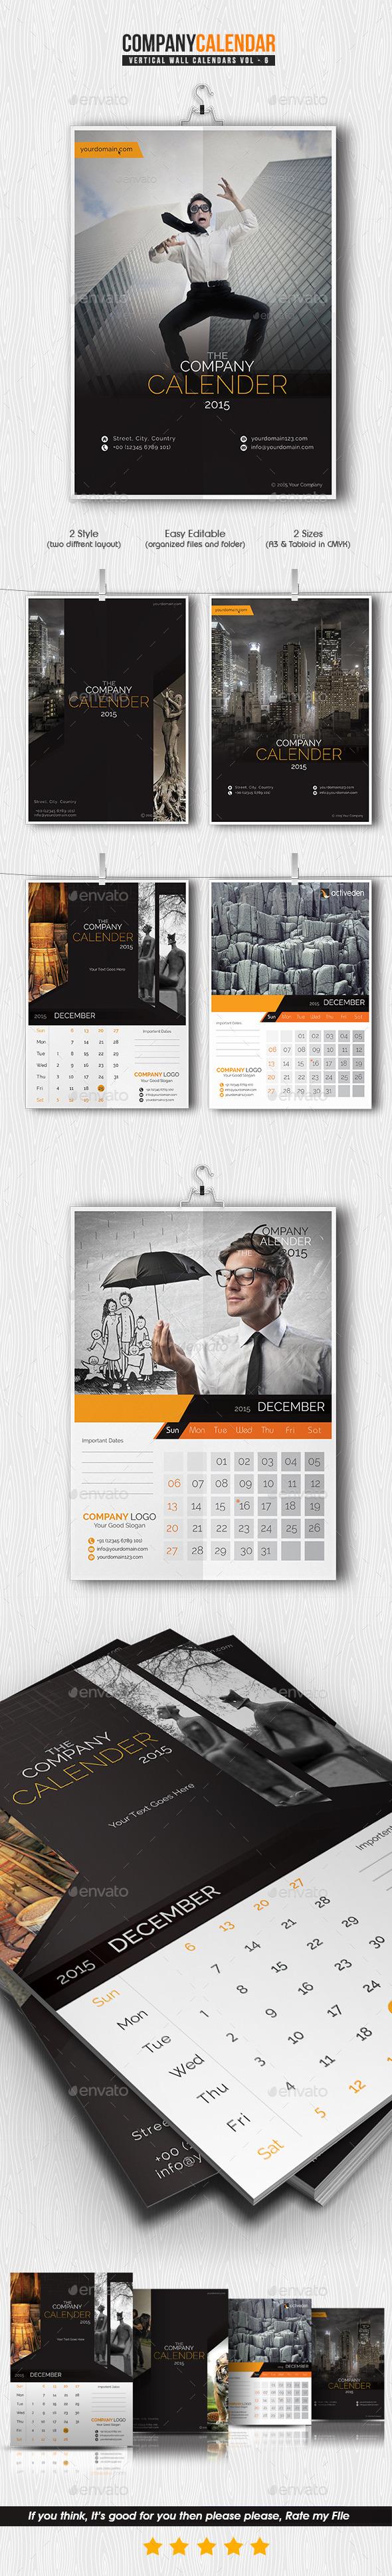 GraphicRiver Company Calendar 2015 9798648